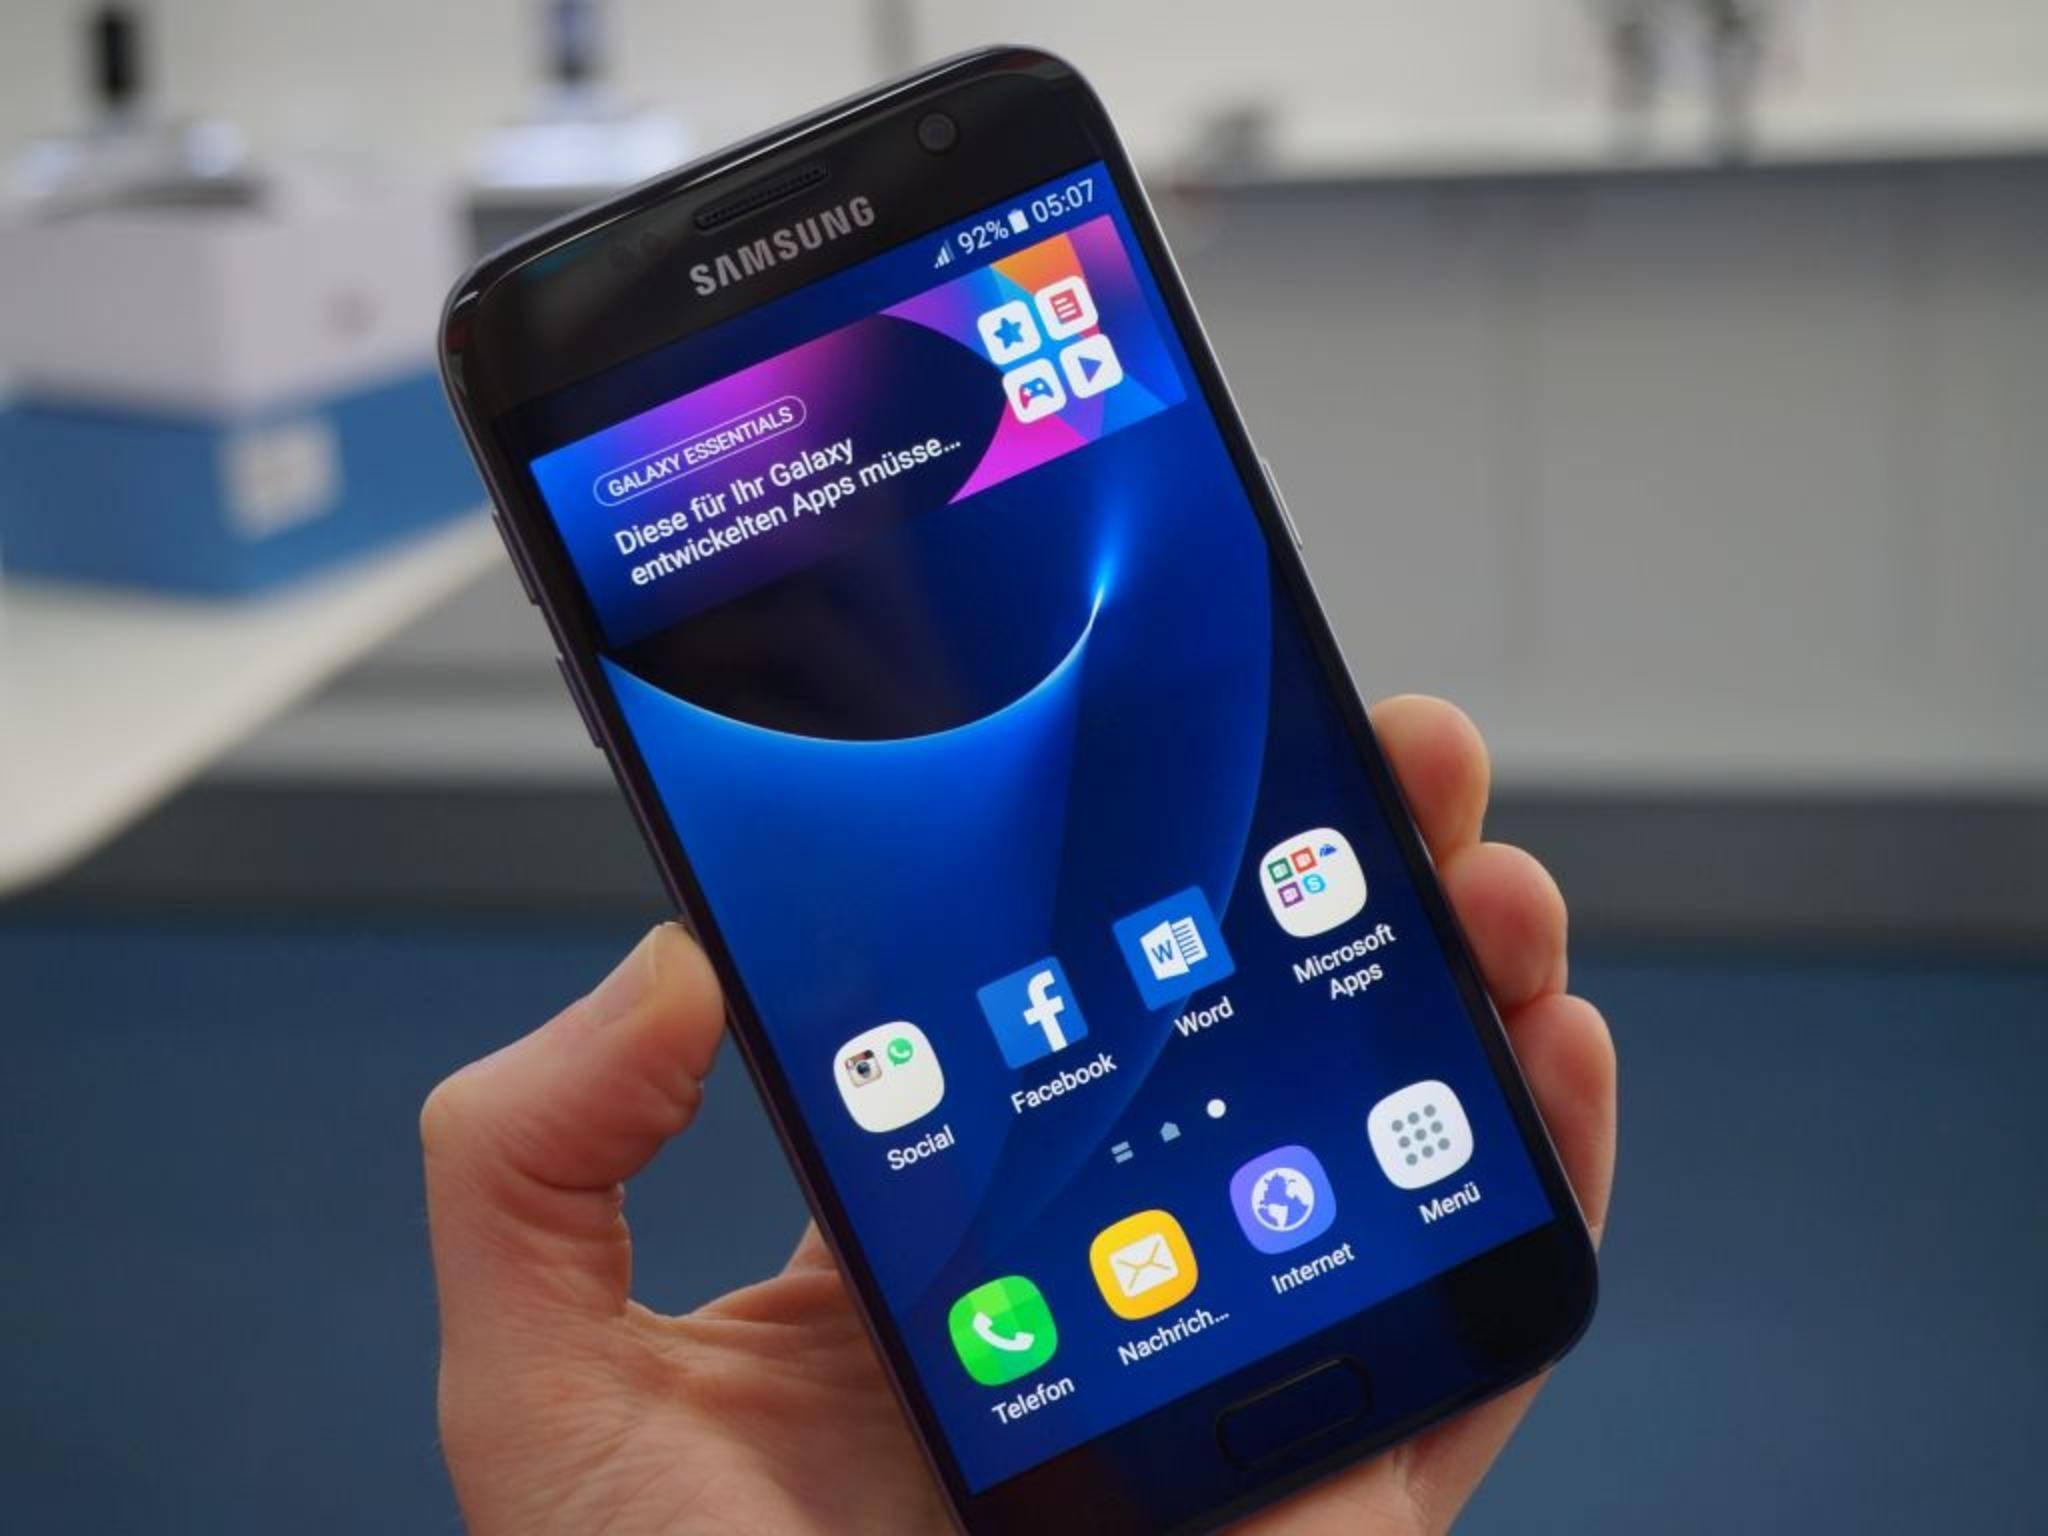 NICHT VERWENDEN VOR 21. FEBRUAR! Samsung Galaxy S7 26